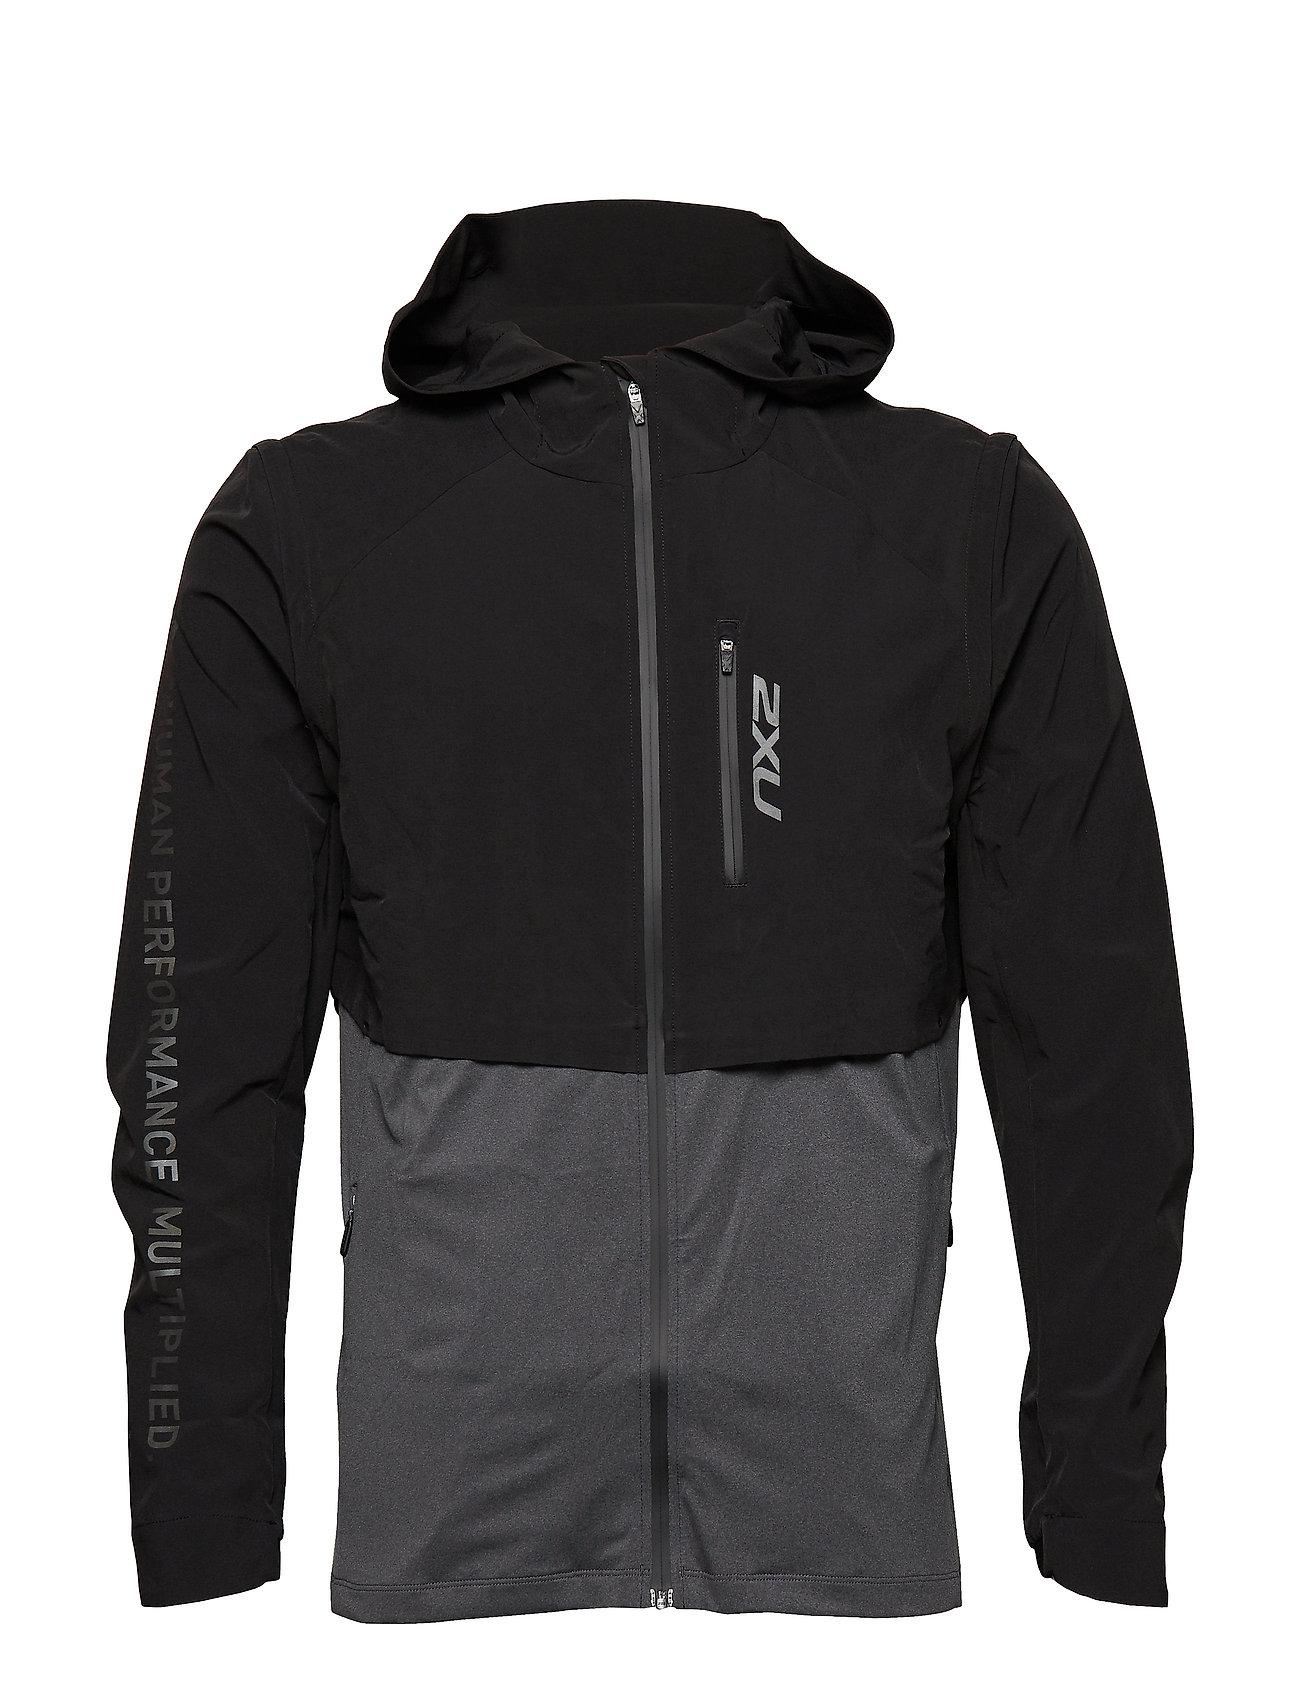 2XU GHST 2 In 1 Jacket-M - BLACK/BLACK MARLE